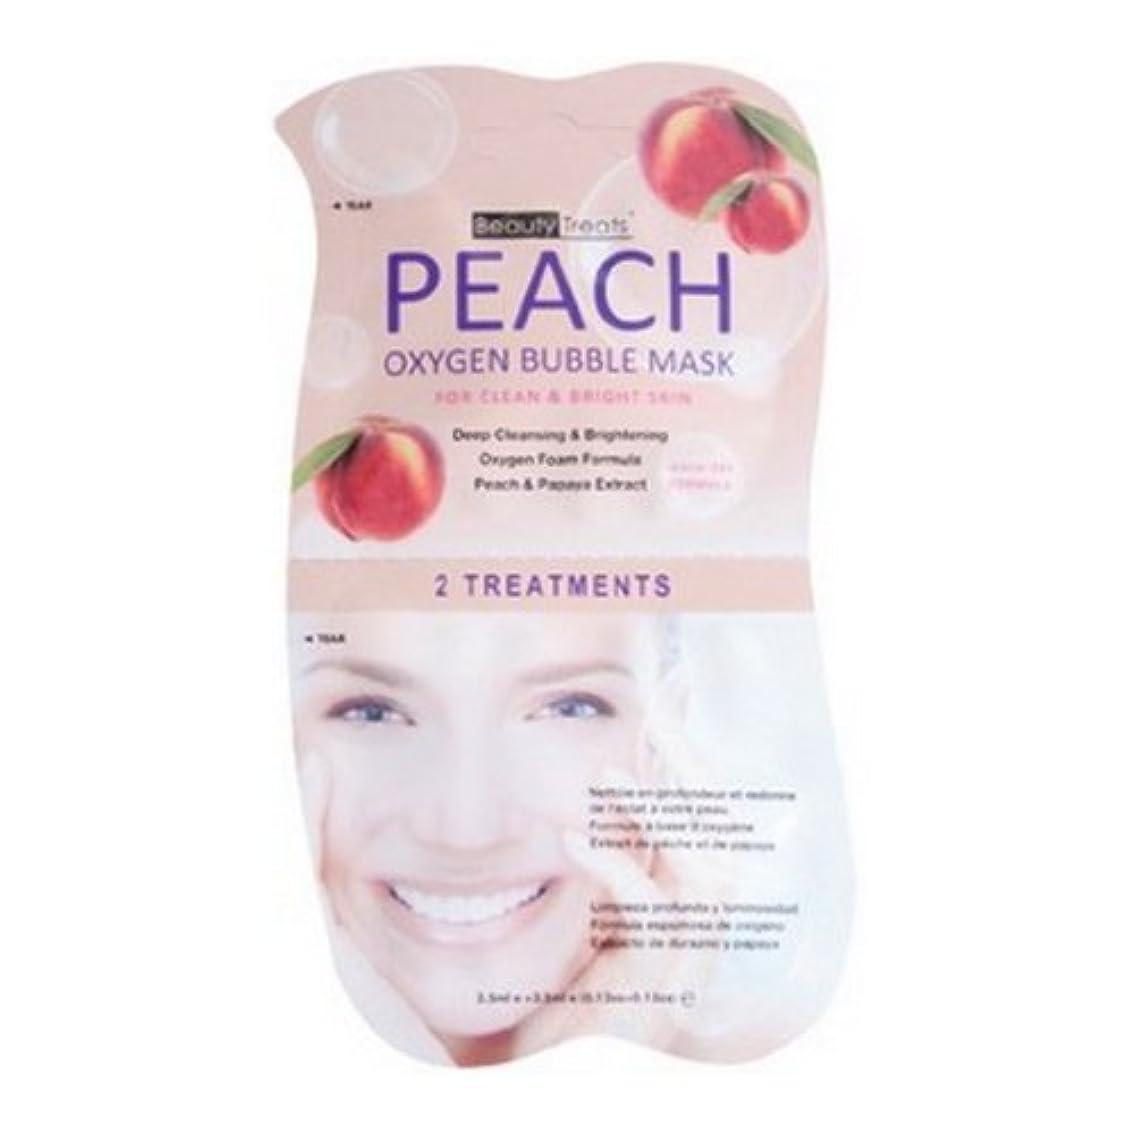 火曜日ビスケット一掃する(3 Pack) BEAUTY TREATS Peach Oxygen Bubble Mask - Peach (並行輸入品)